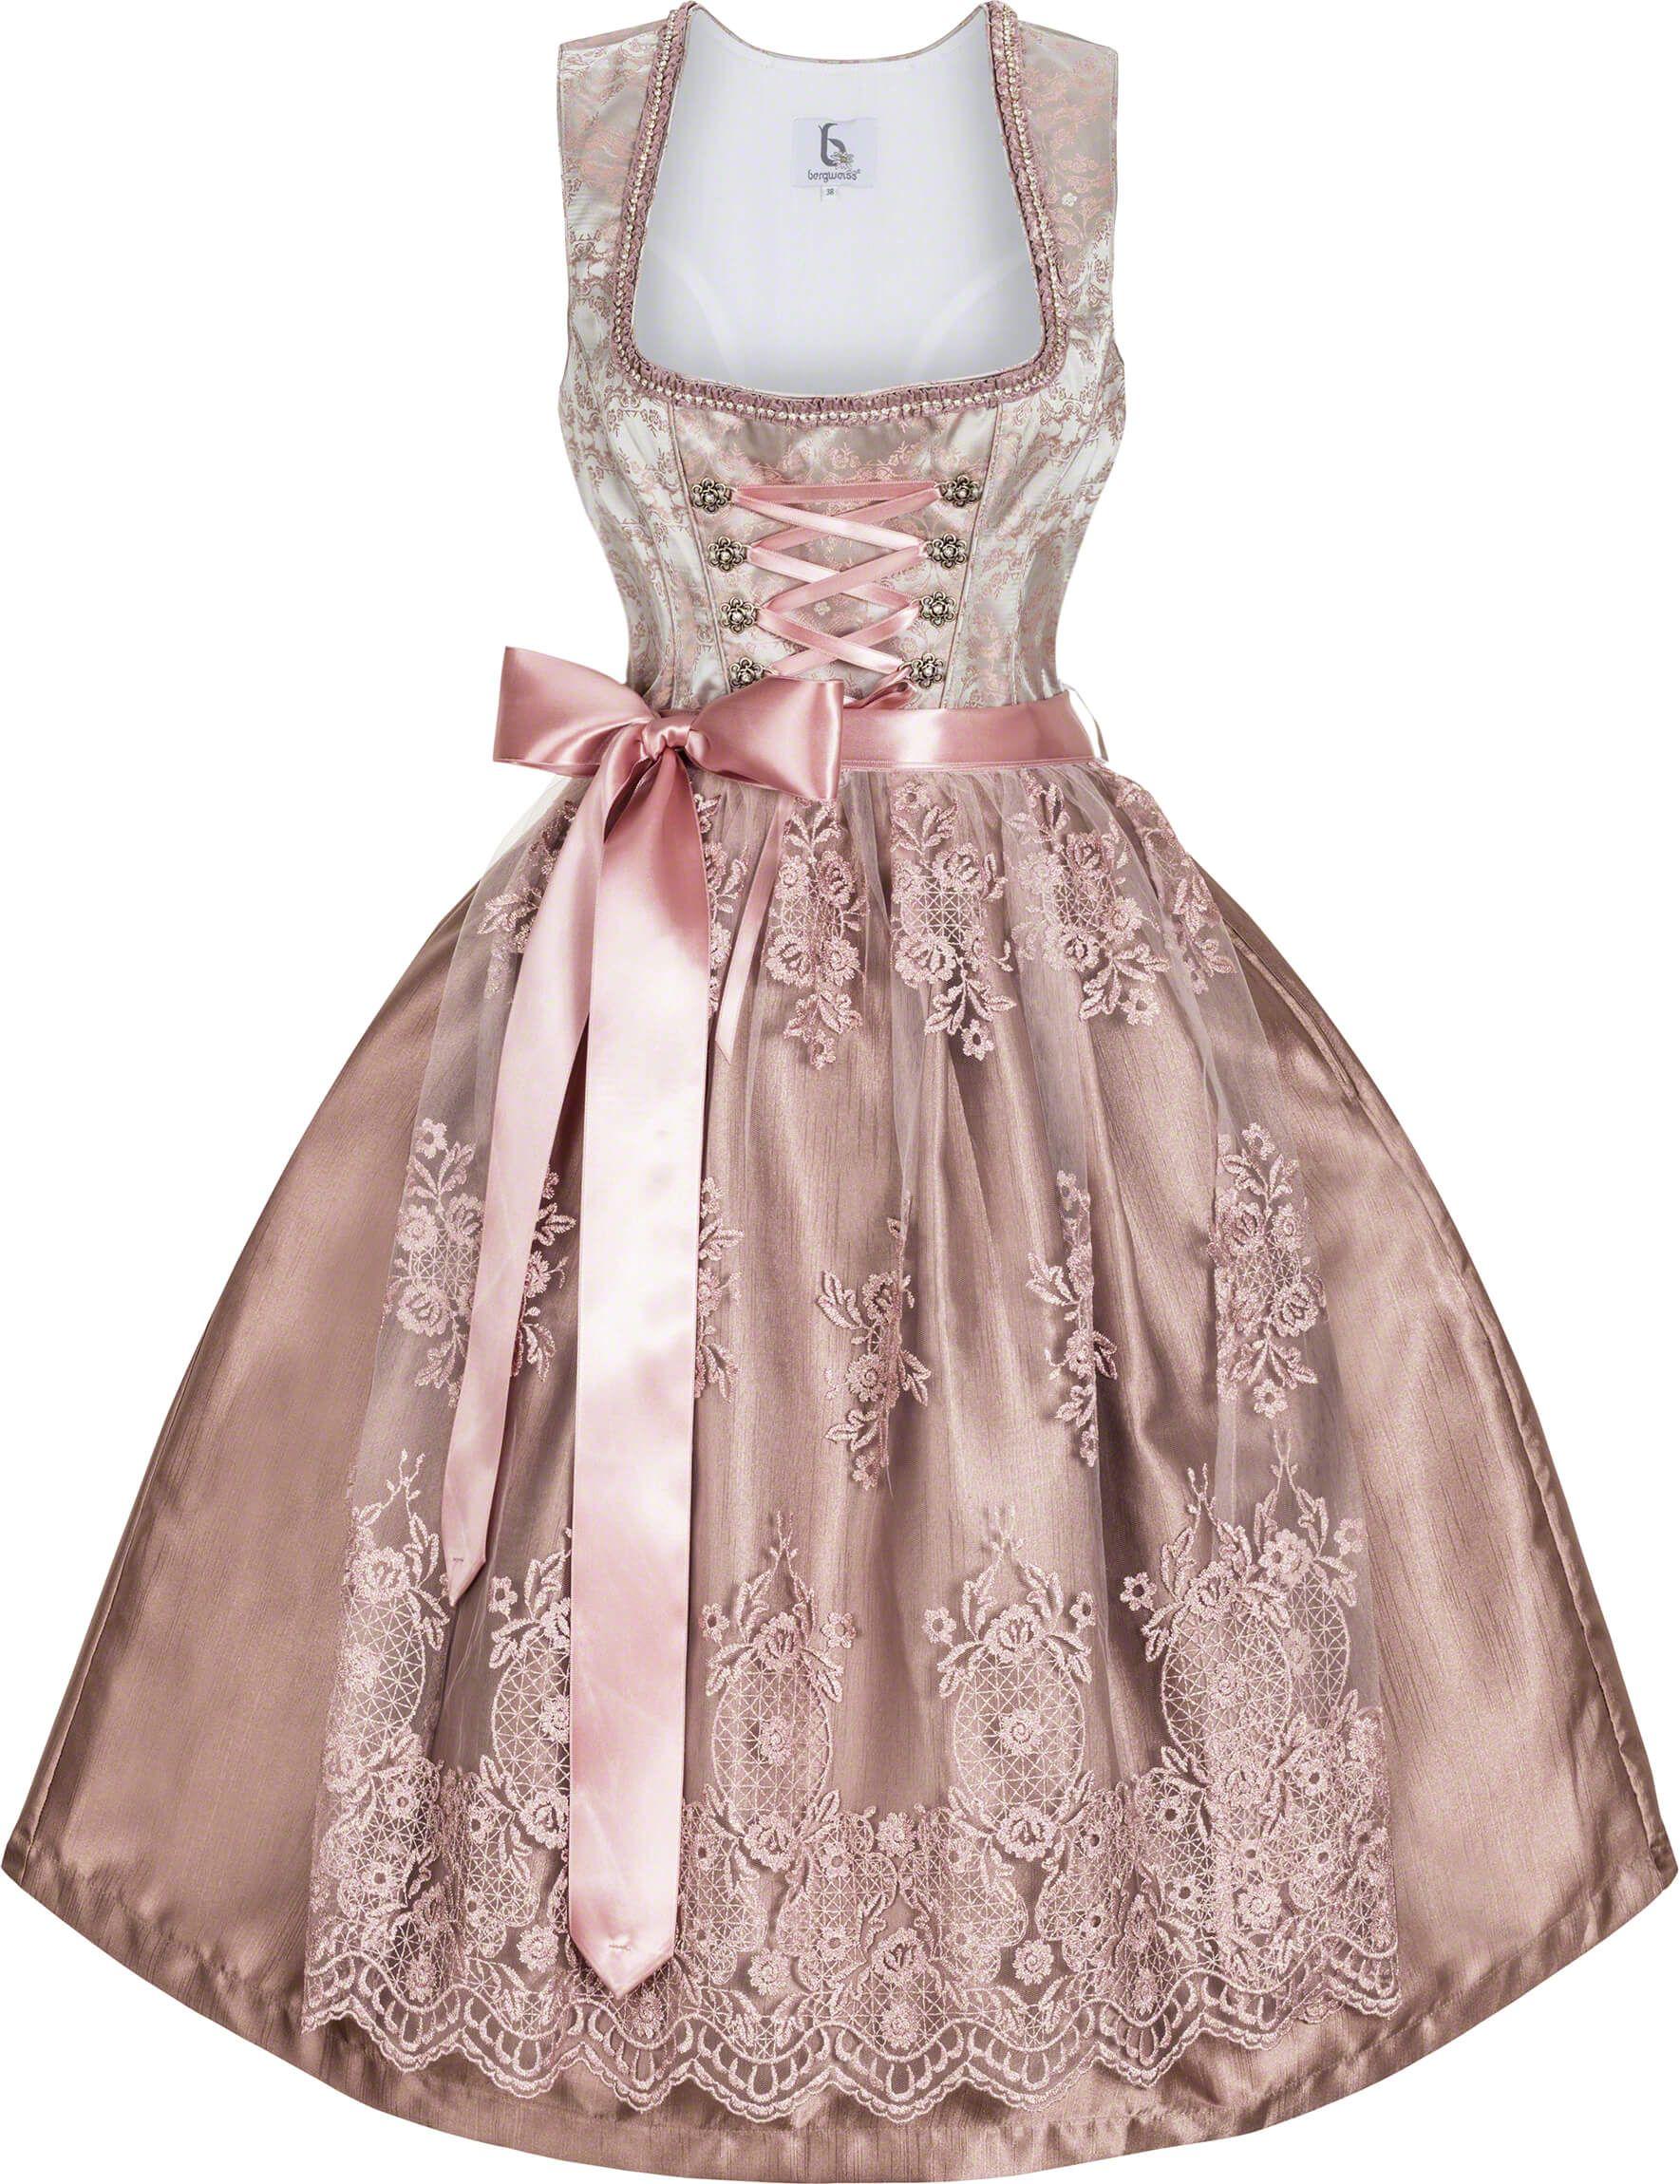 Tiffany Rosa Gold Dirndl Trachten Schone Kleidung Dirndl